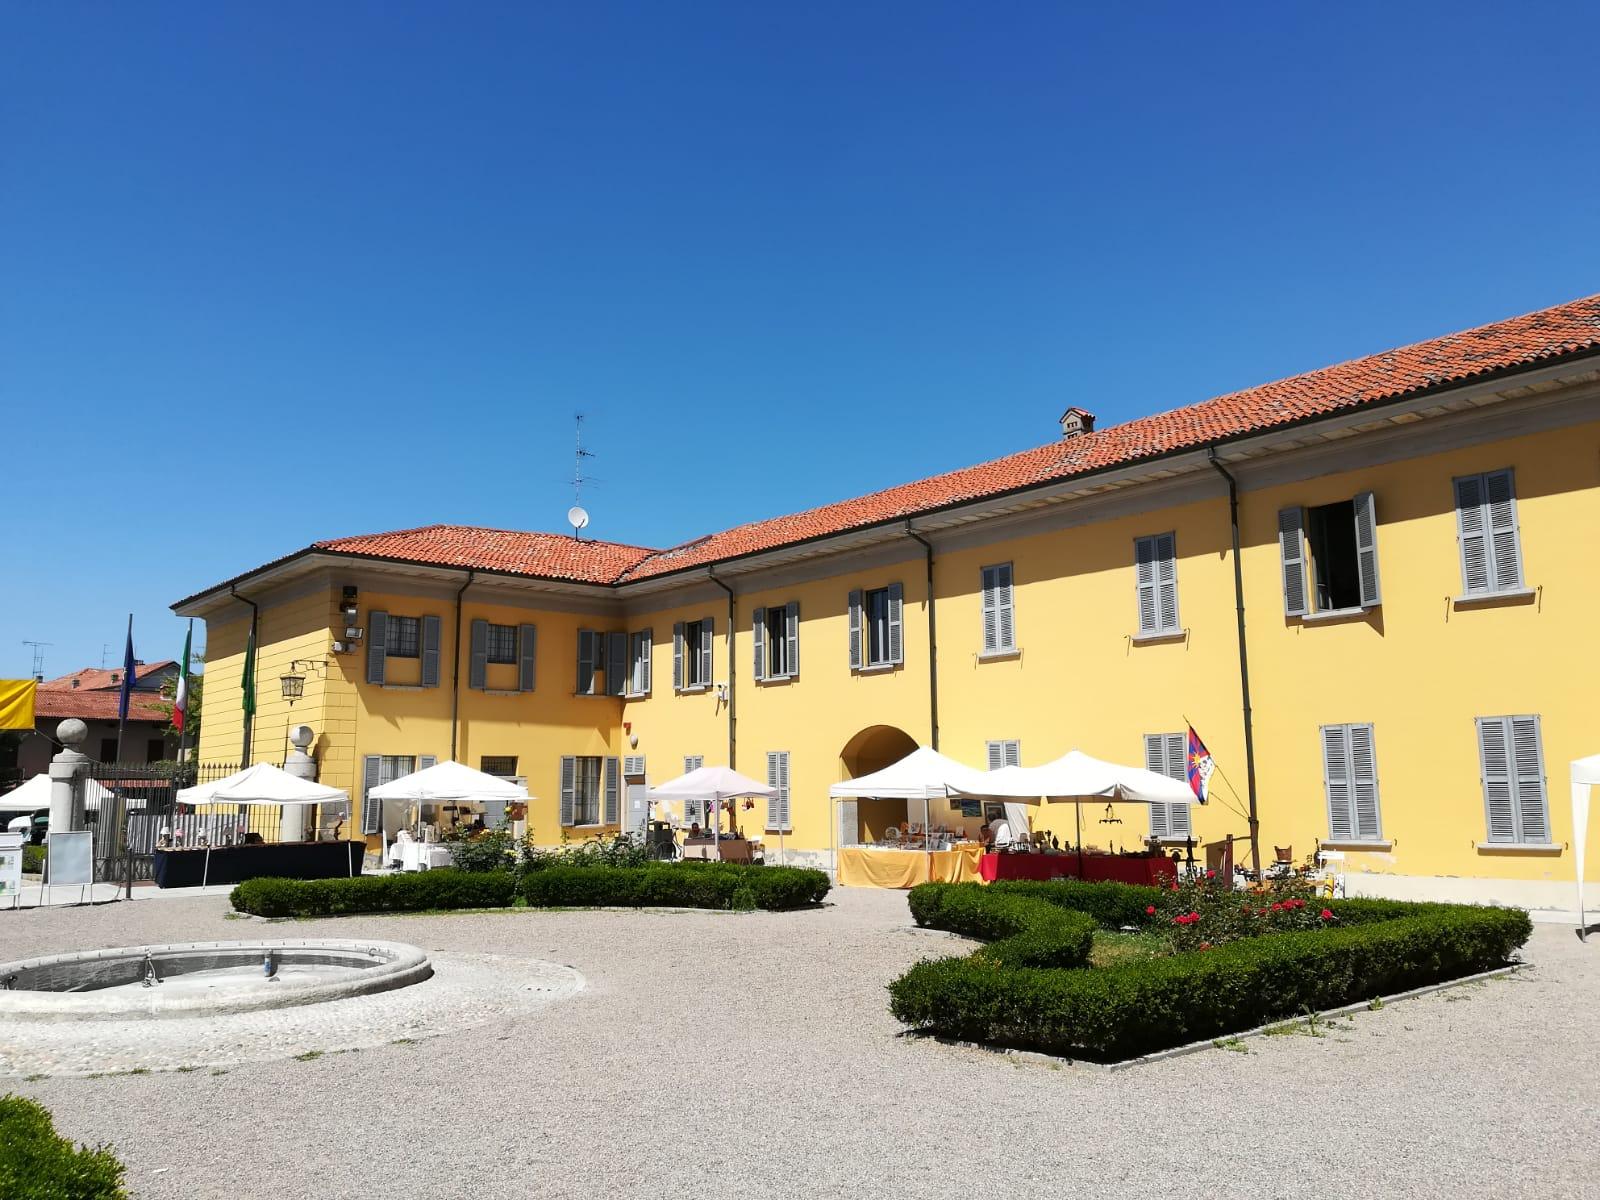 Solstizio d'estate - Villa Annoni- Cuggiono - 23 6 19 (38)